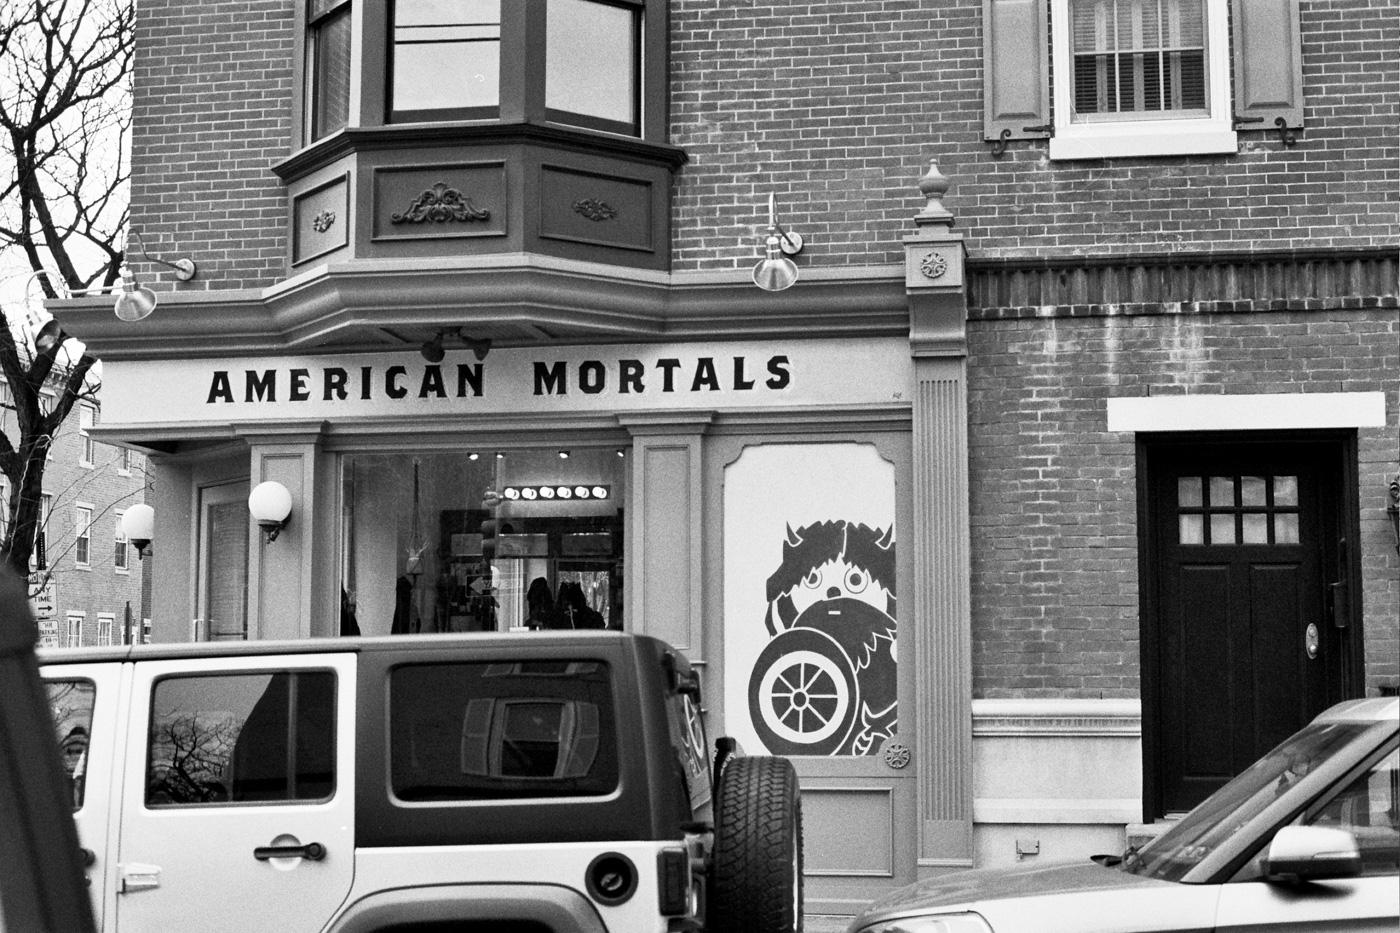 American Mortals